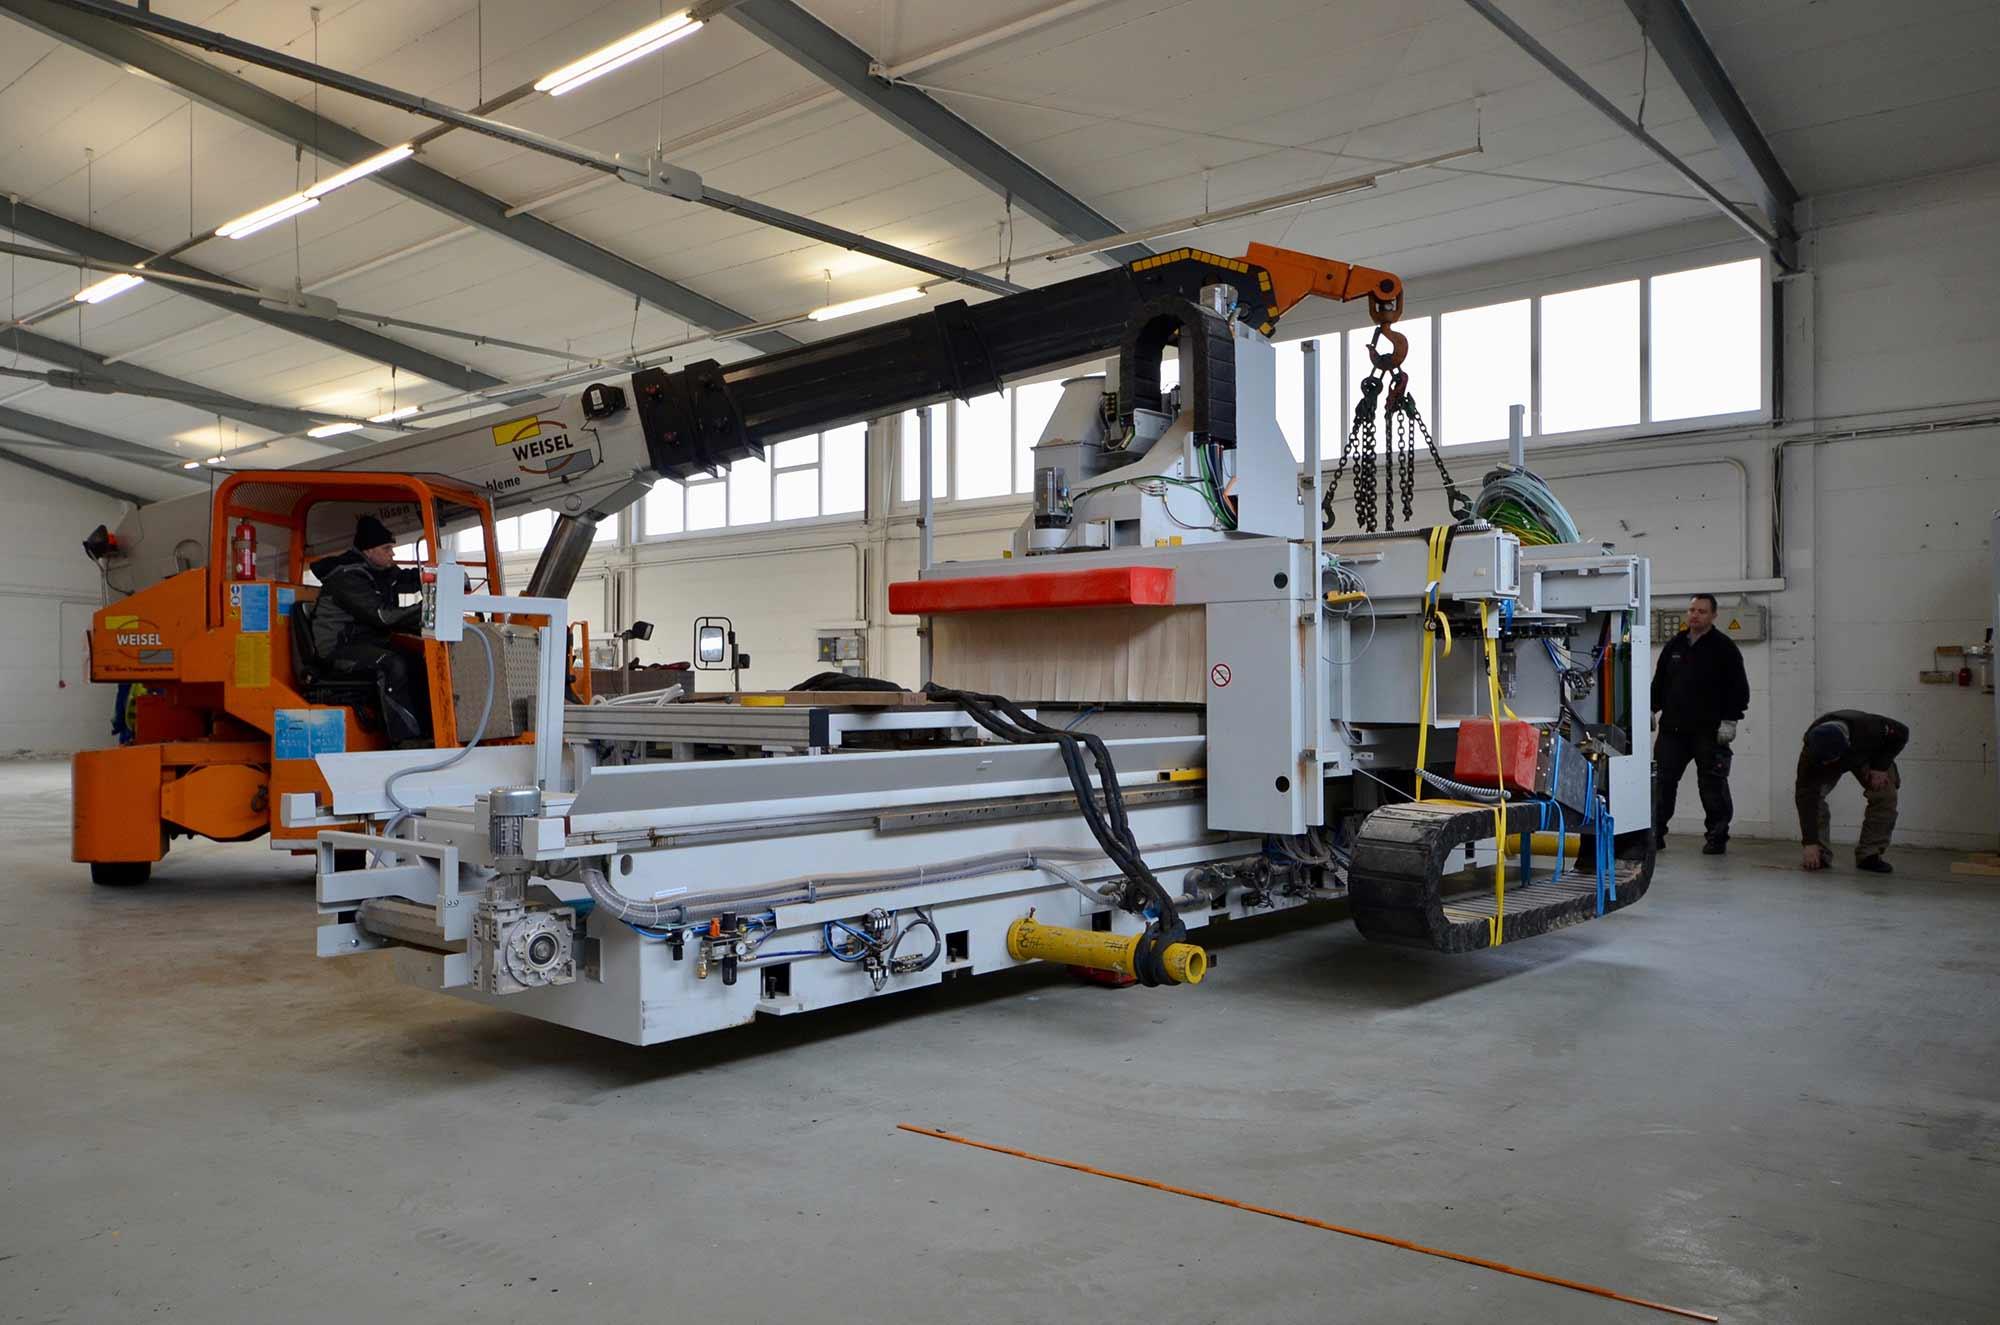 5-Achs-CNC-Maschine-Reichenbacher-Treppenbau-Diehl-Frankfurt-4